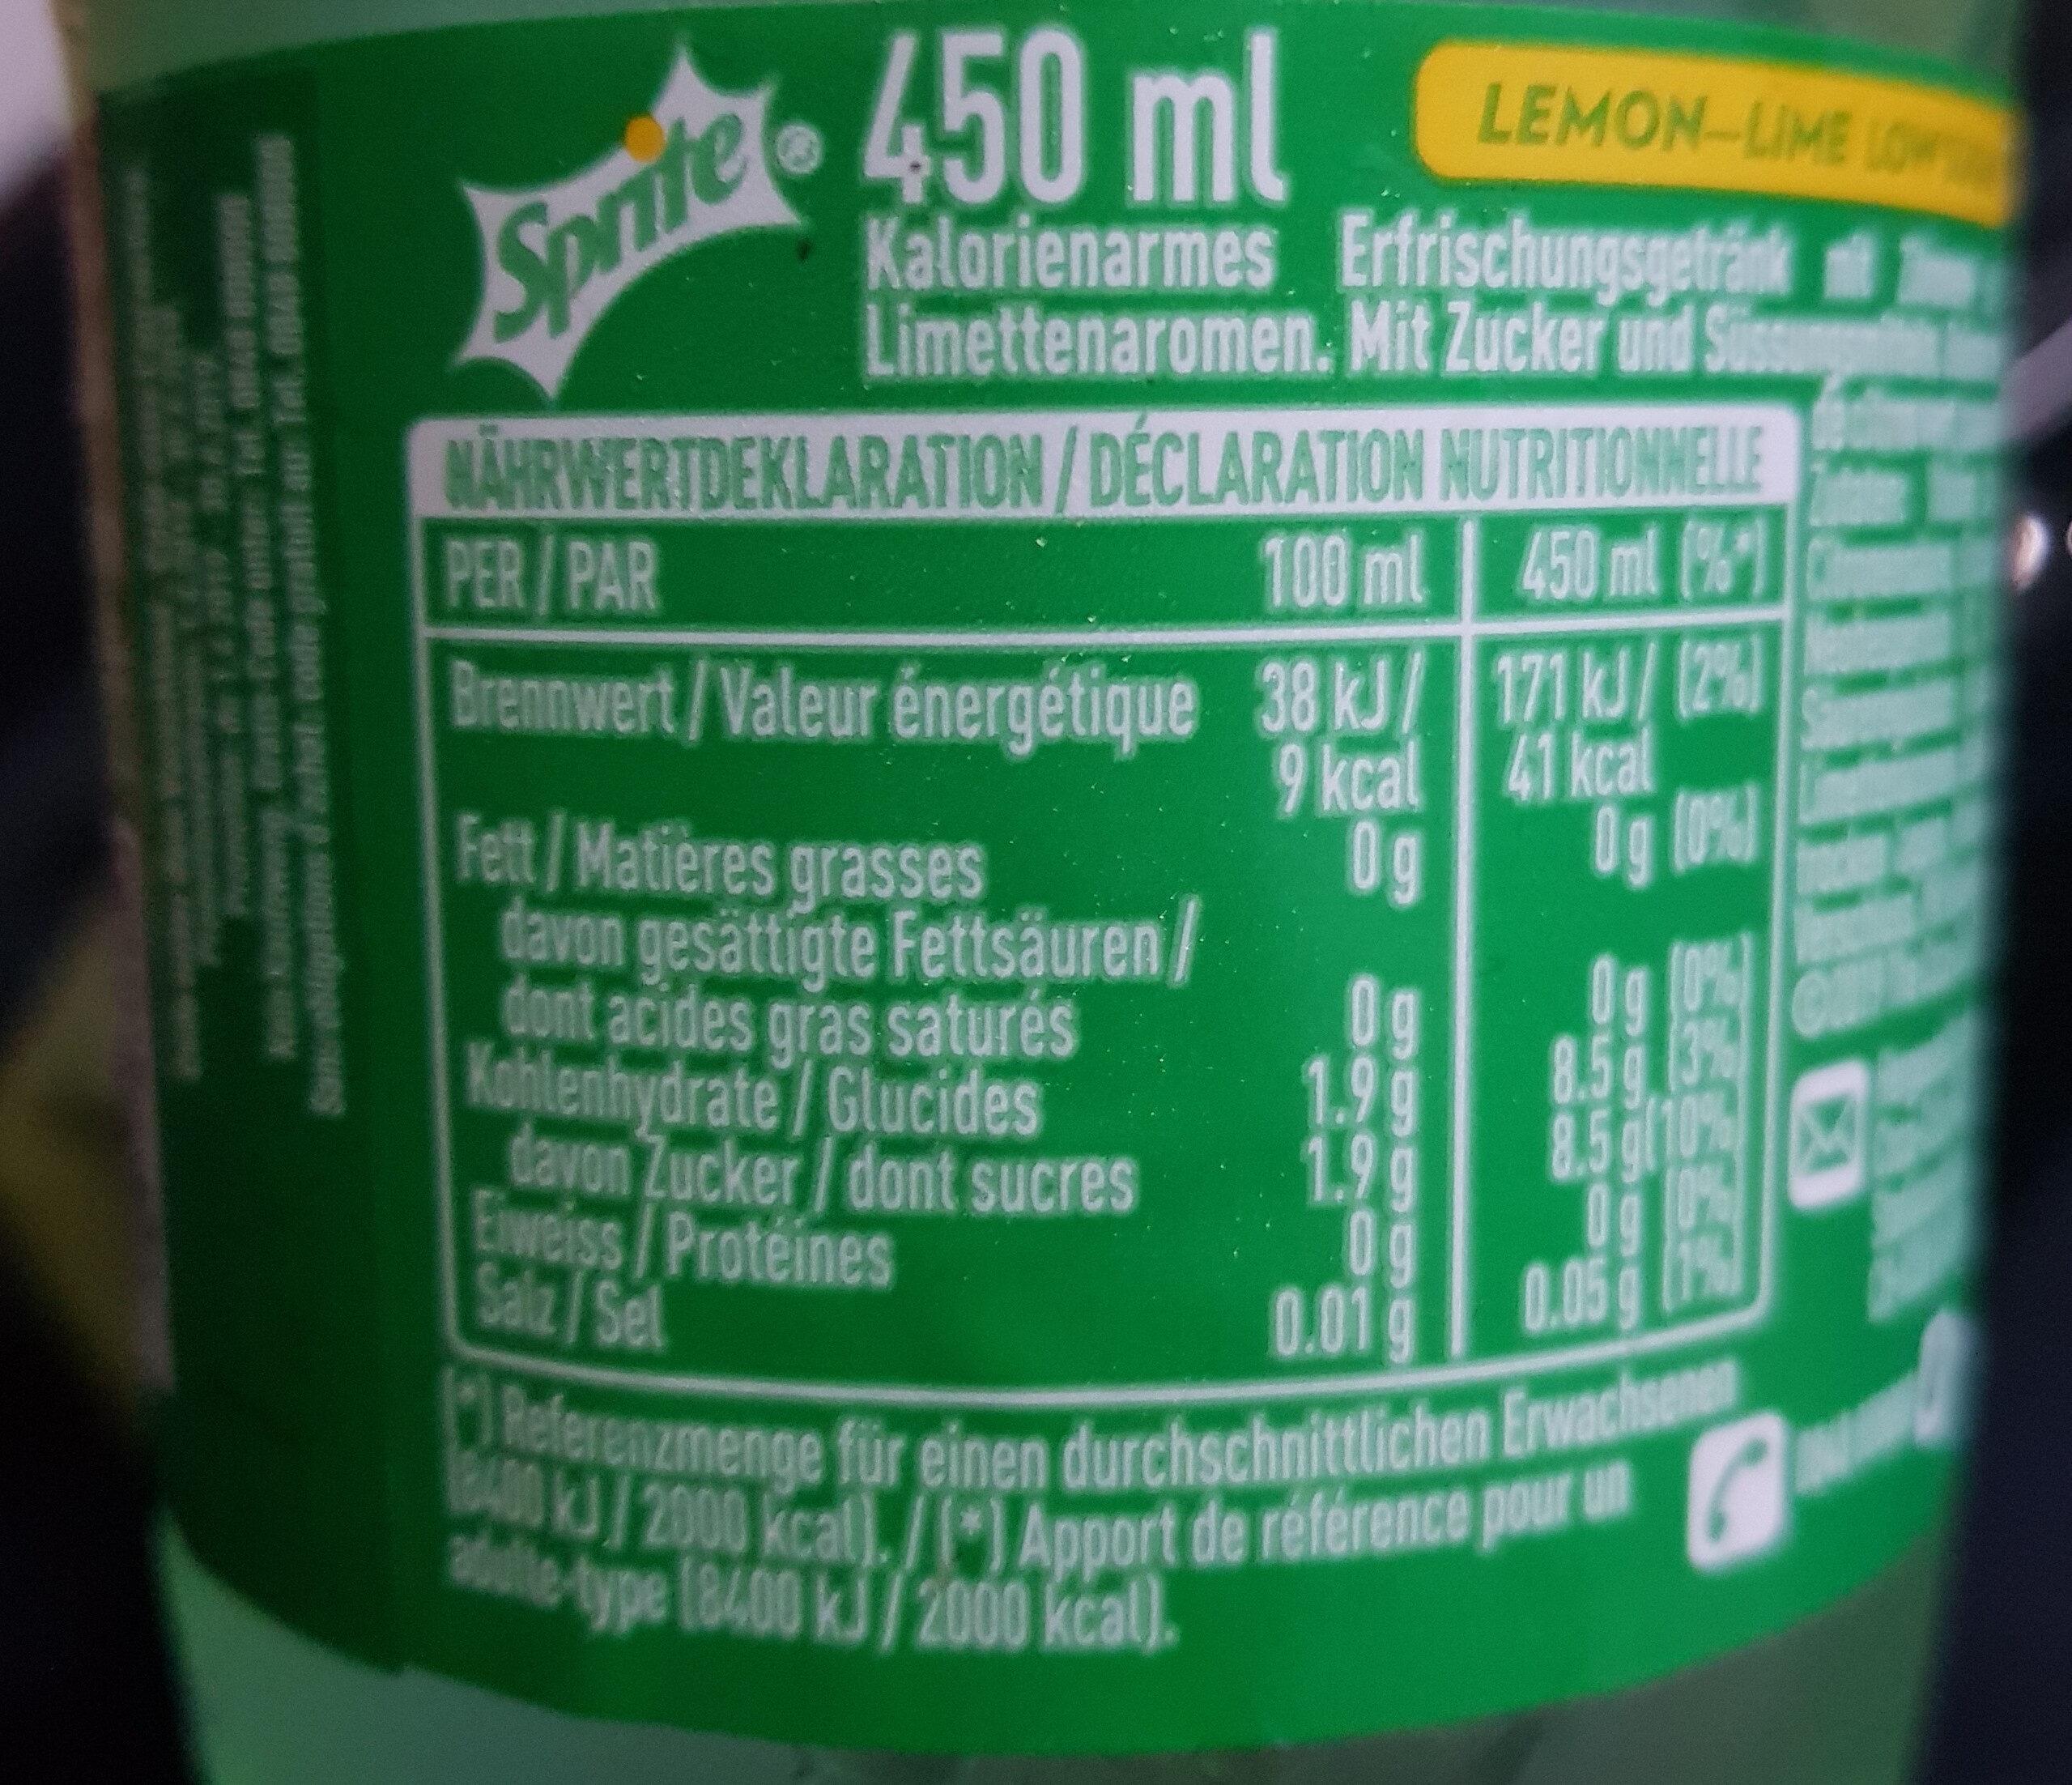 Sprite lemon lime low sugar - Voedingswaarden - fr